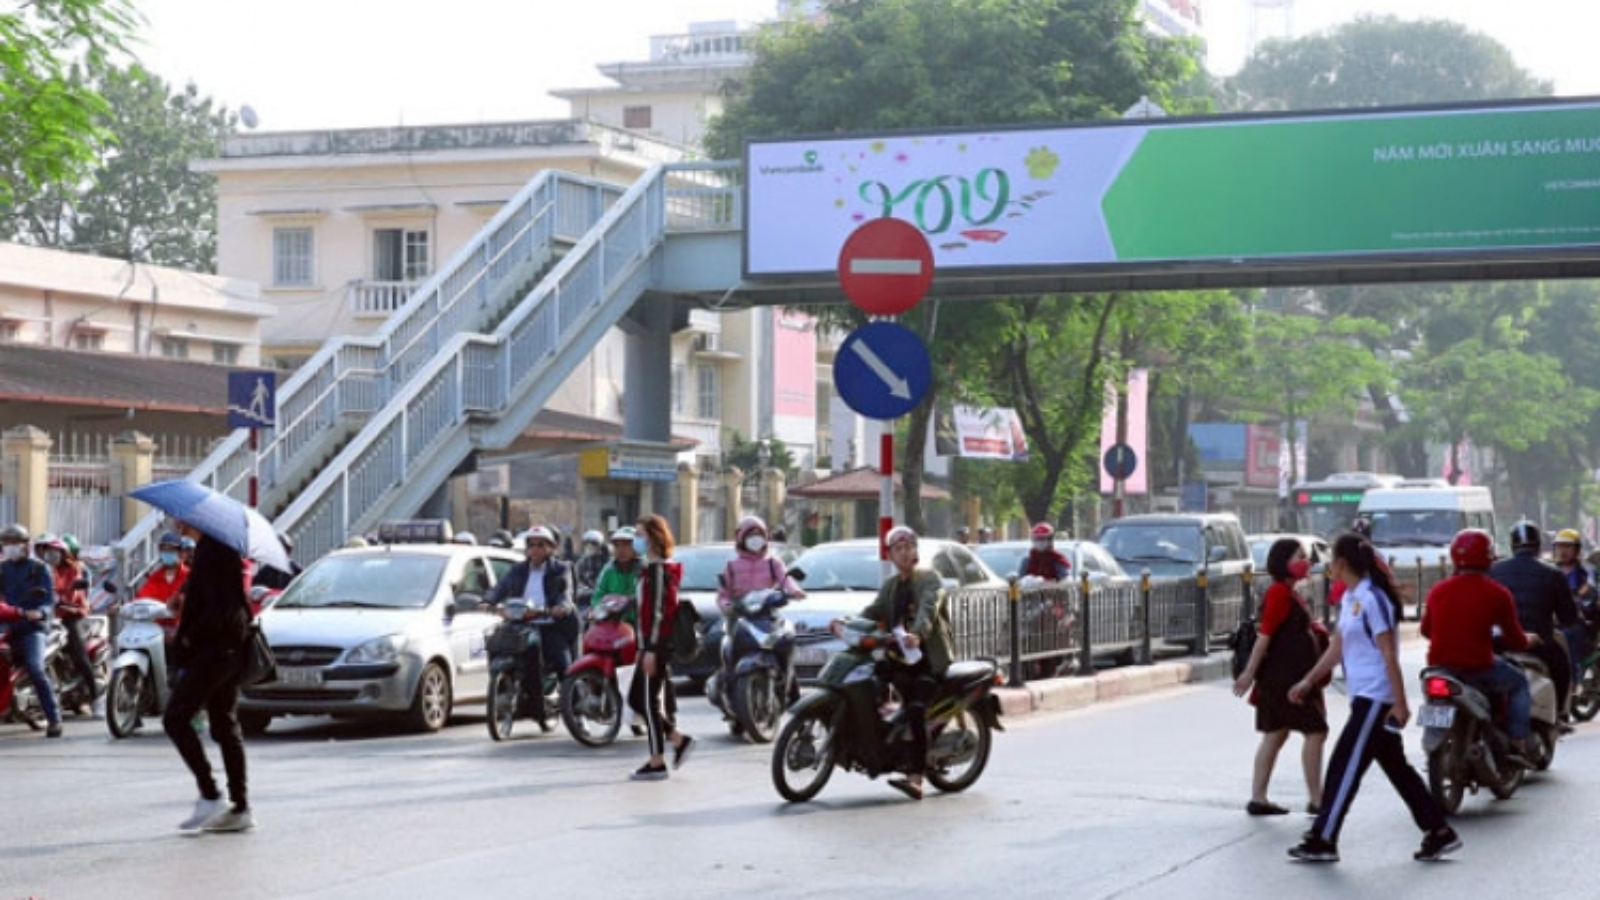 Hà Nội: Xây dựng cầu vượt cho người đi bộ qua đường Nguyễn Trãi